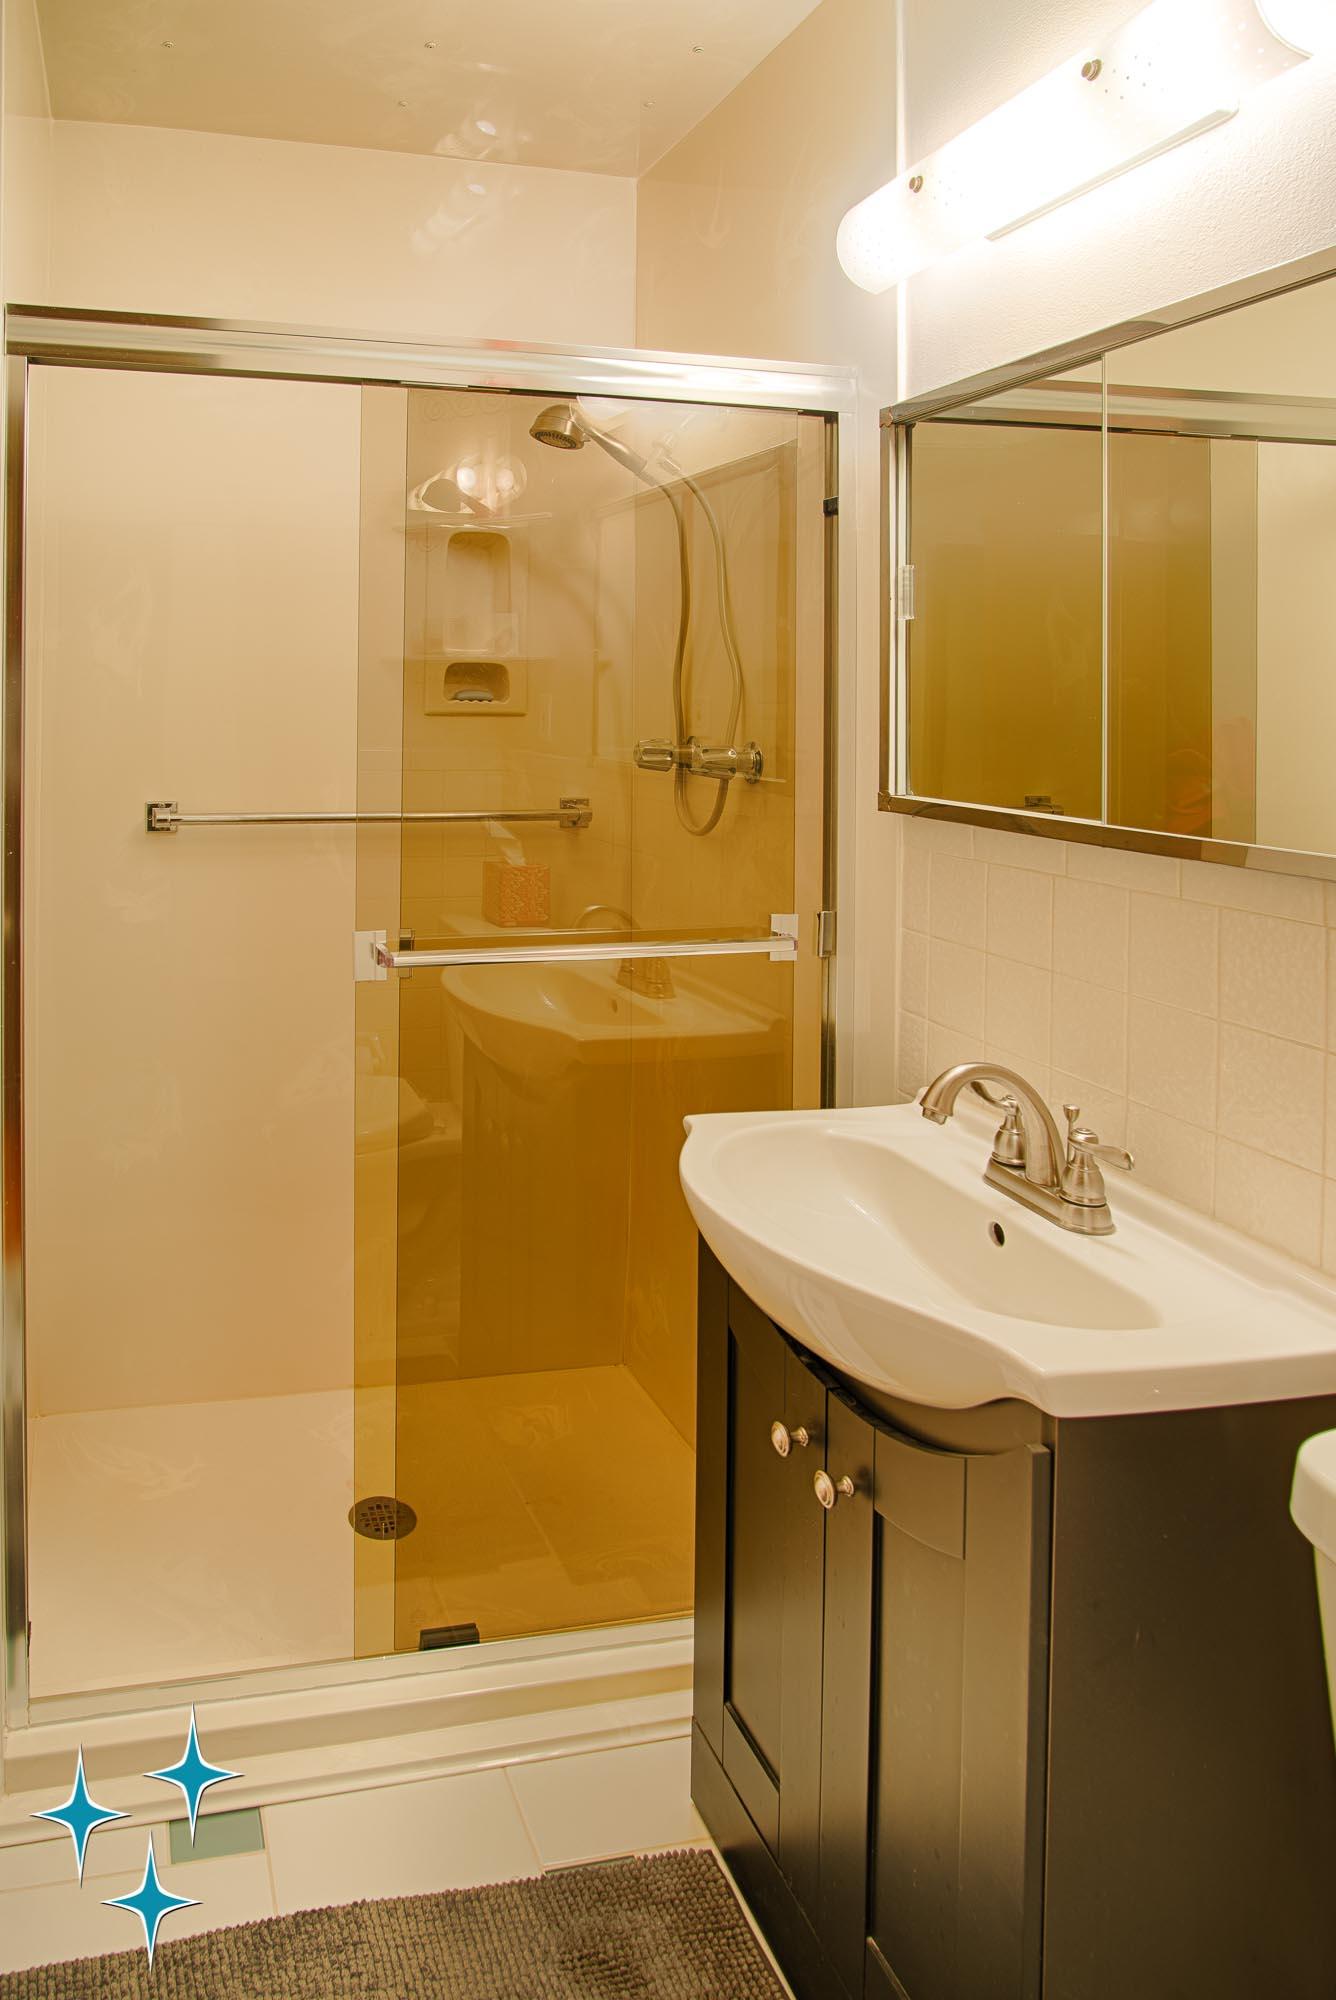 Adrian-Kinney-4155-W-Iliff-Avenue-Denver-r-Carey-Holiday-Home-2000w50-3SWM-31.jpg